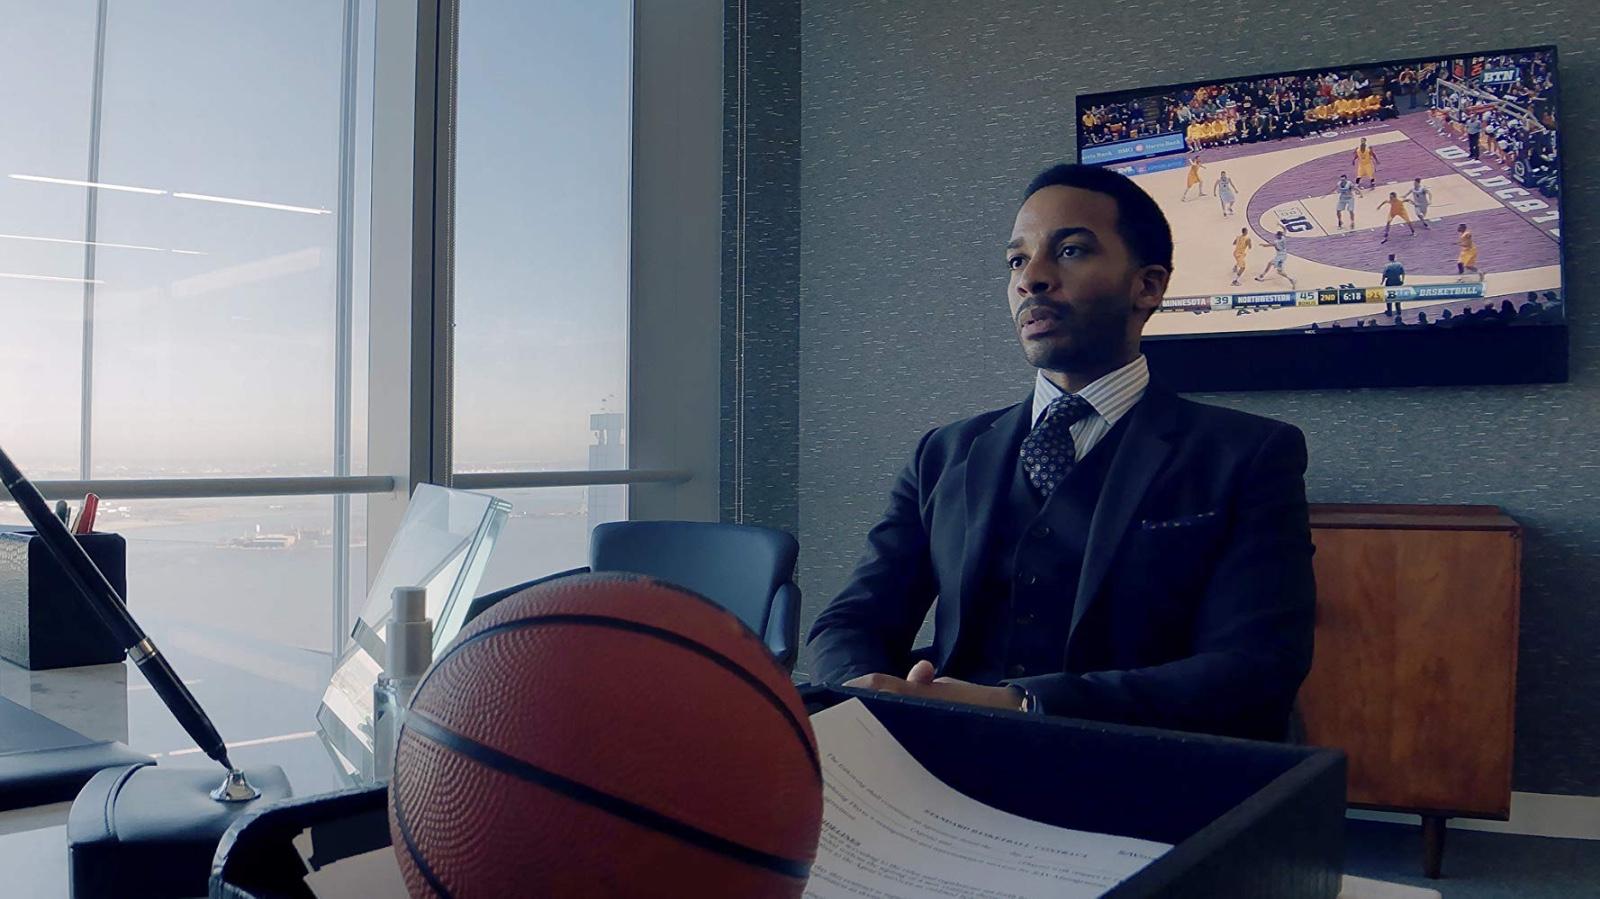 Netflix将推篮球电影《高飞鸟》,主人公是一位在停摆时挑战NBA规则的体育经纪人